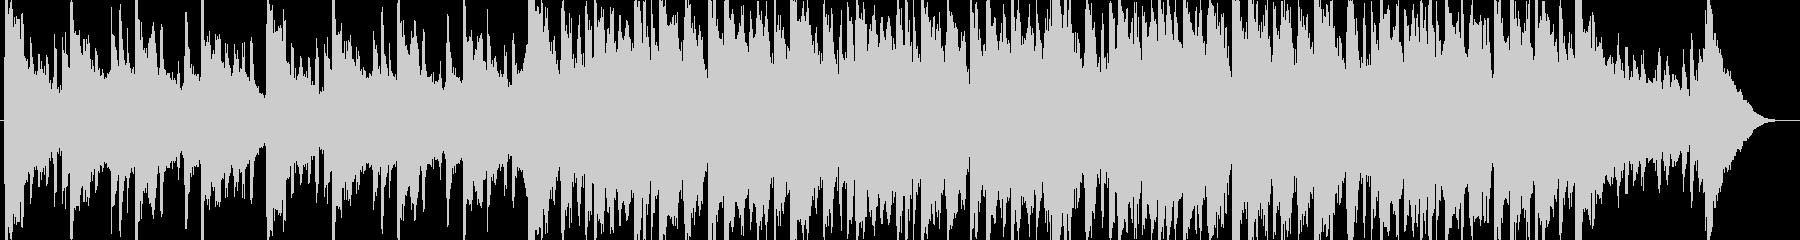 和む、でも少しクールなBGM-60秒の未再生の波形